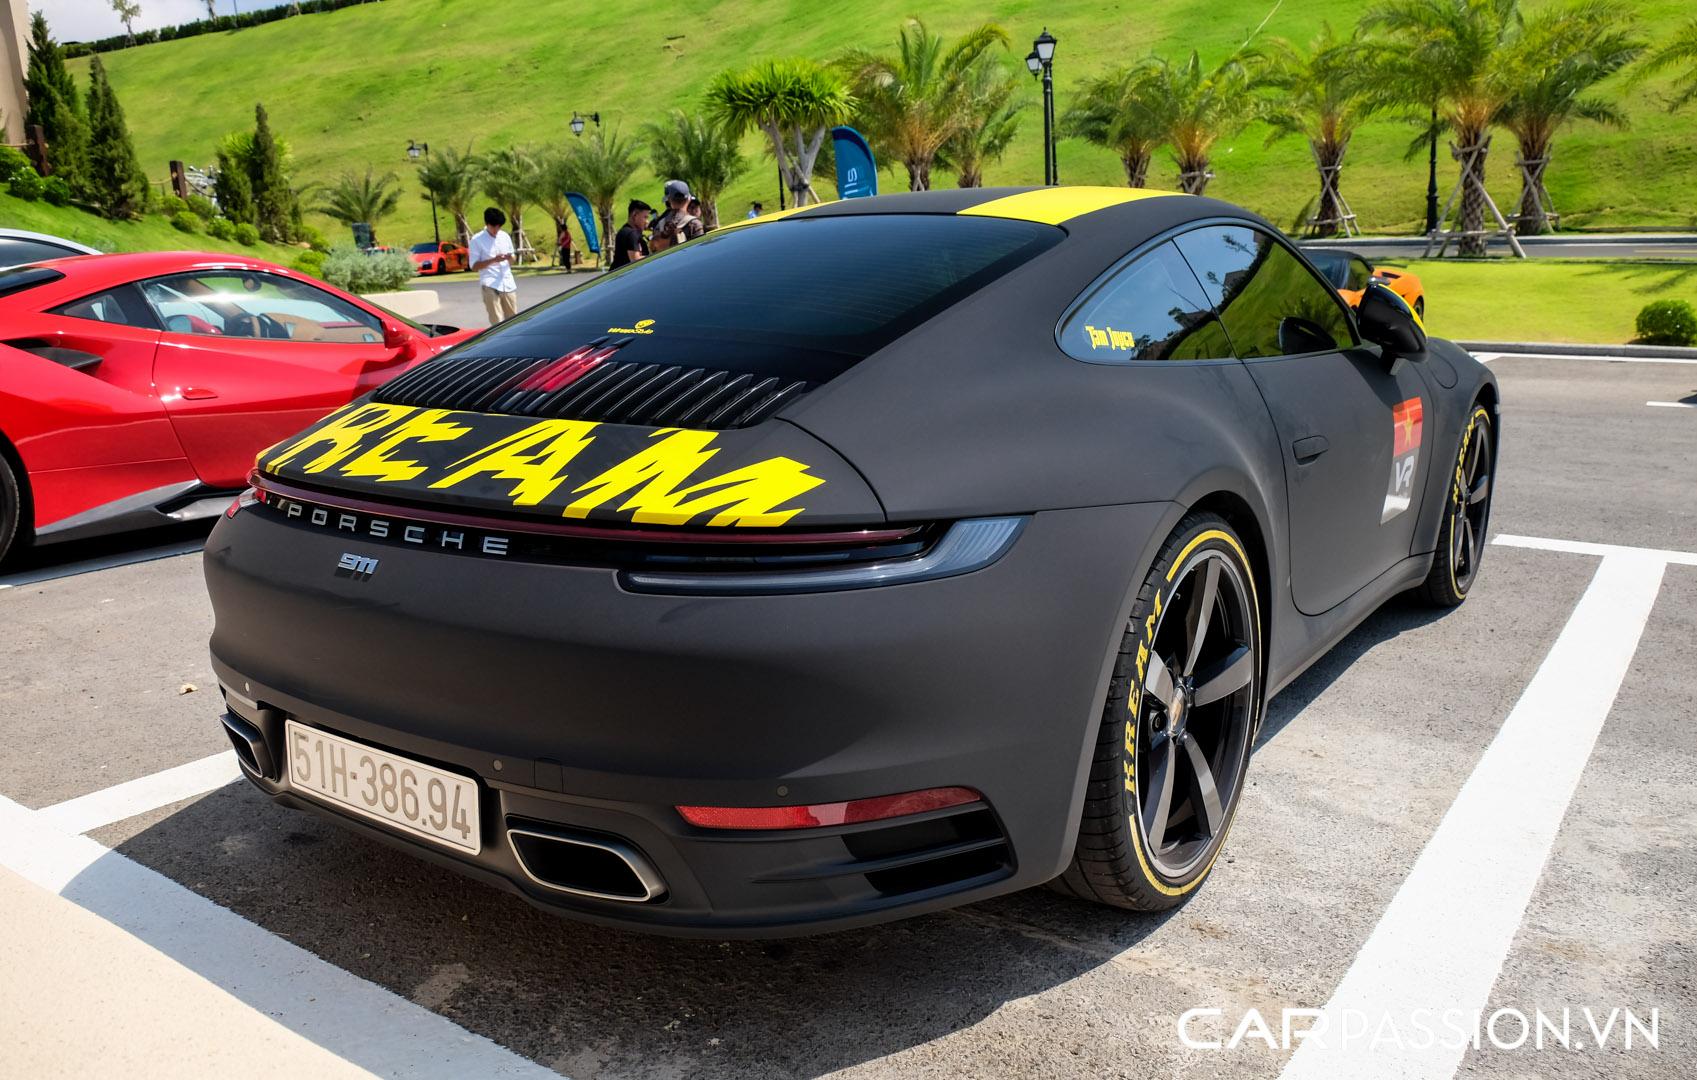 Porsche 911 của vợ chồng YouTuber (24).JPG